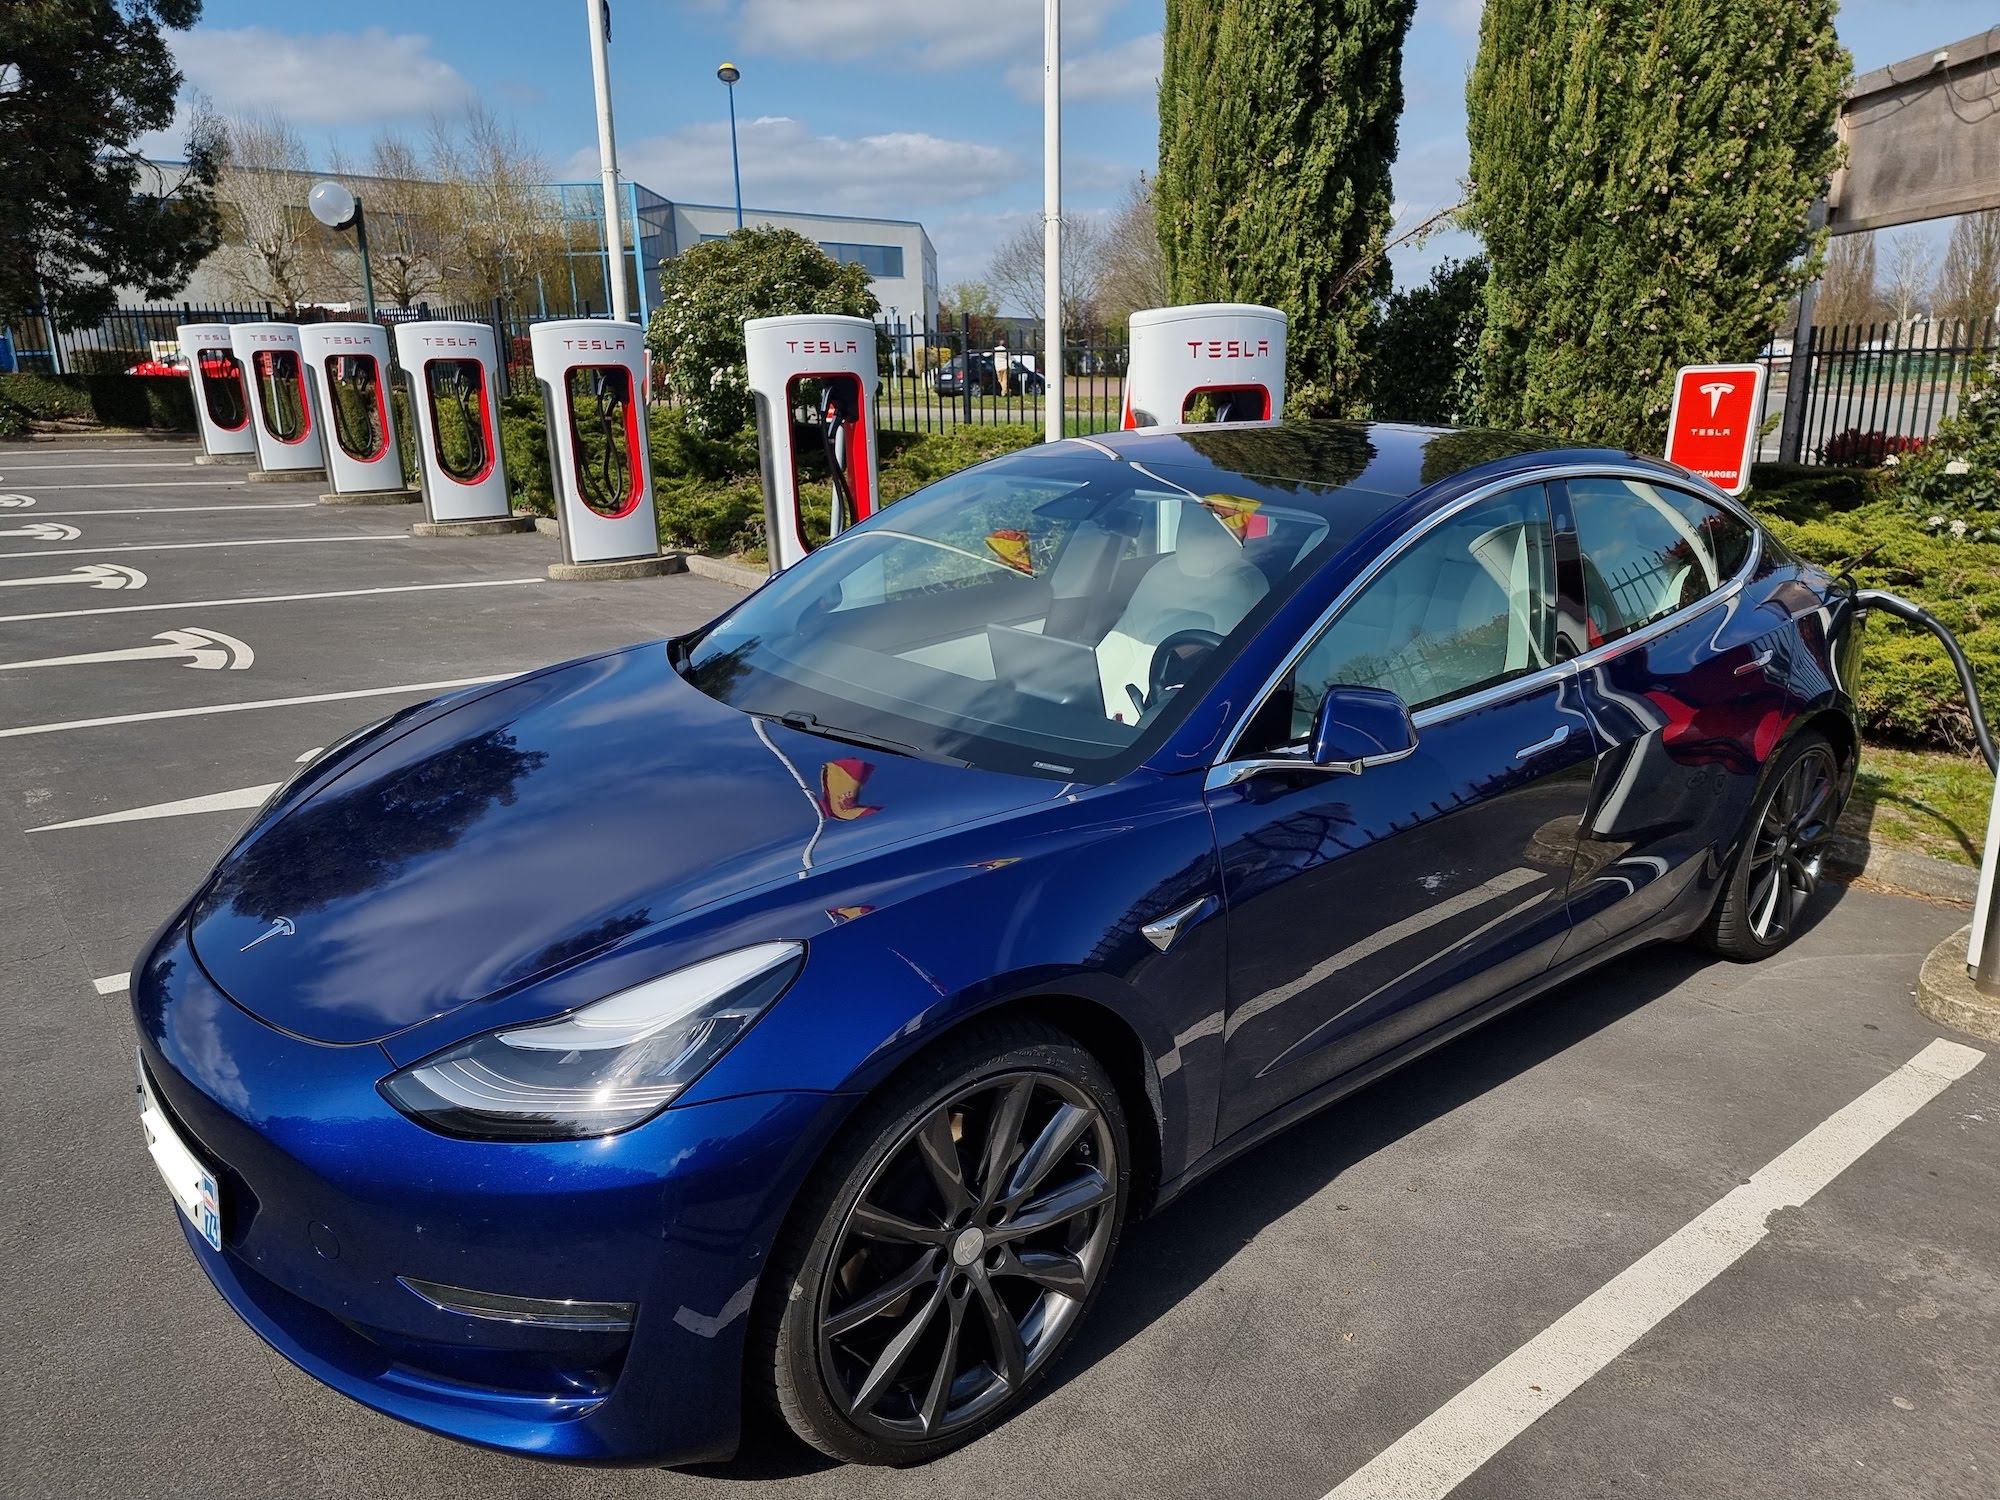 Tesla : le réseau de Superchargeurs progresse vite mais reste à la traîne